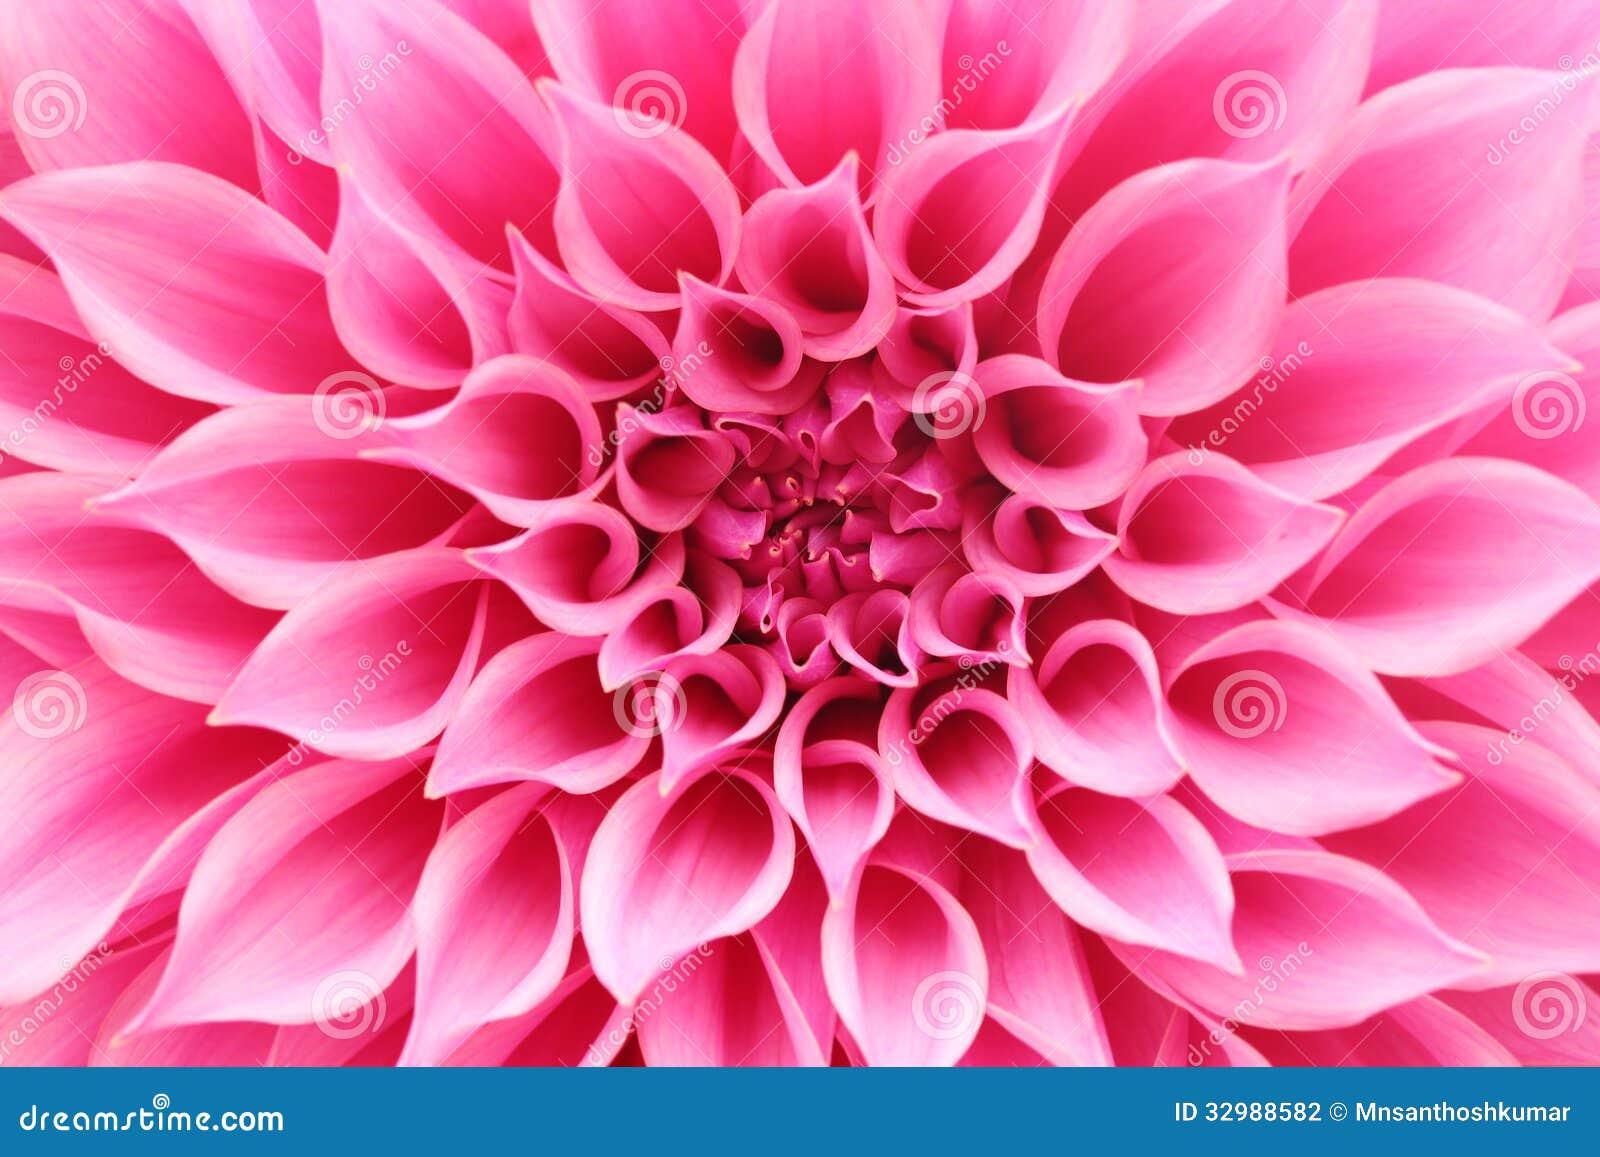 Abstrakcjonistyczny zbliżenie różowy dalia kwiat z ładnymi płatkami (makro-)